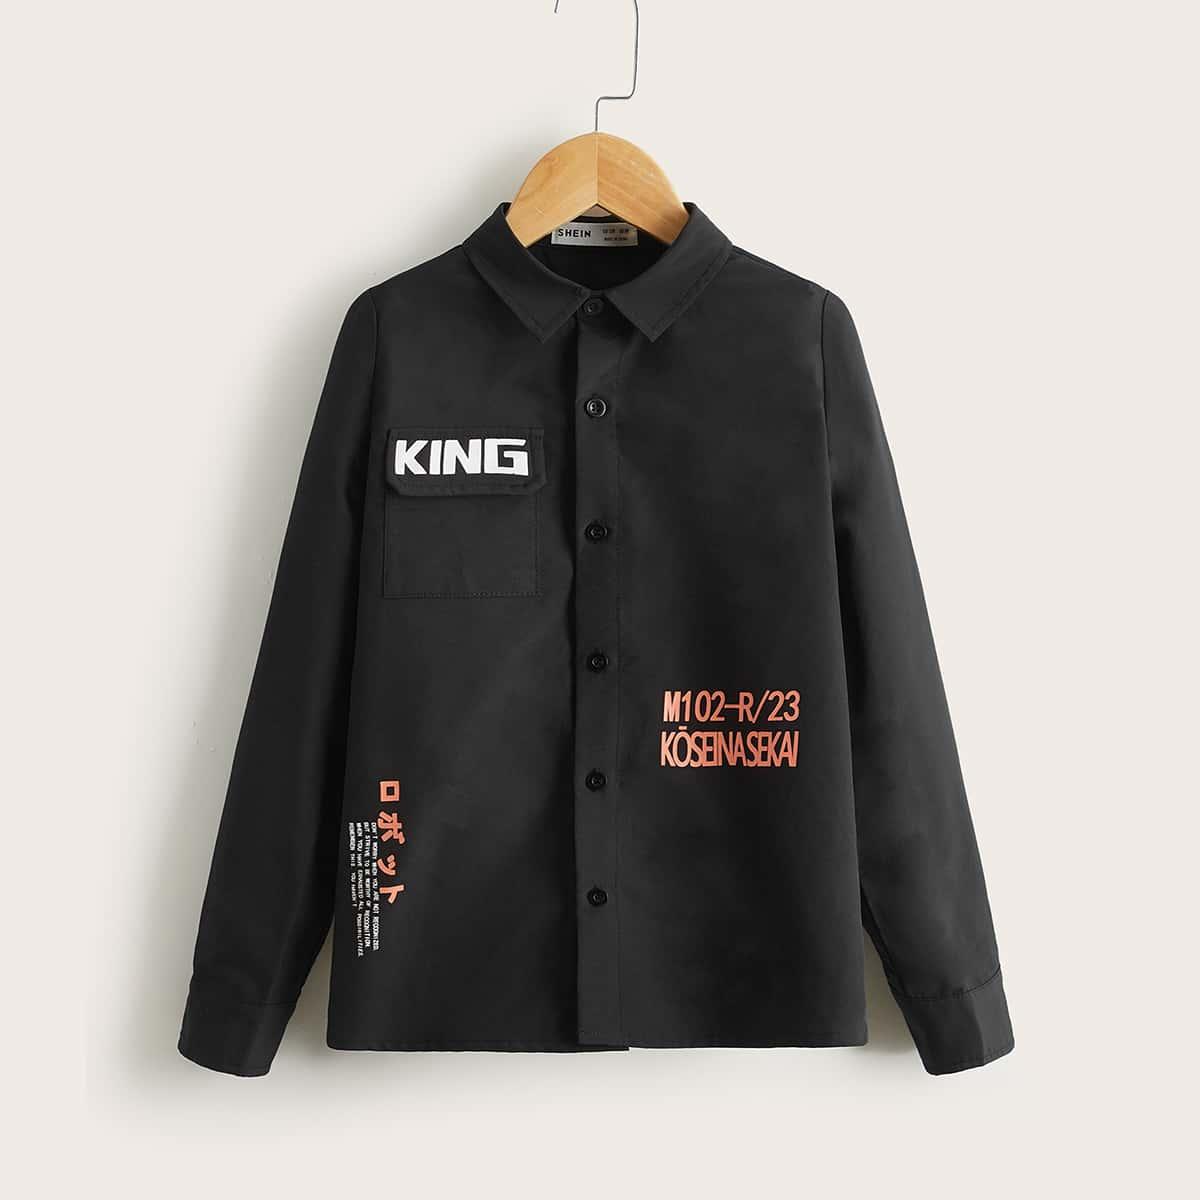 для мальчиков Рубашка с текстовым принтом с карманом